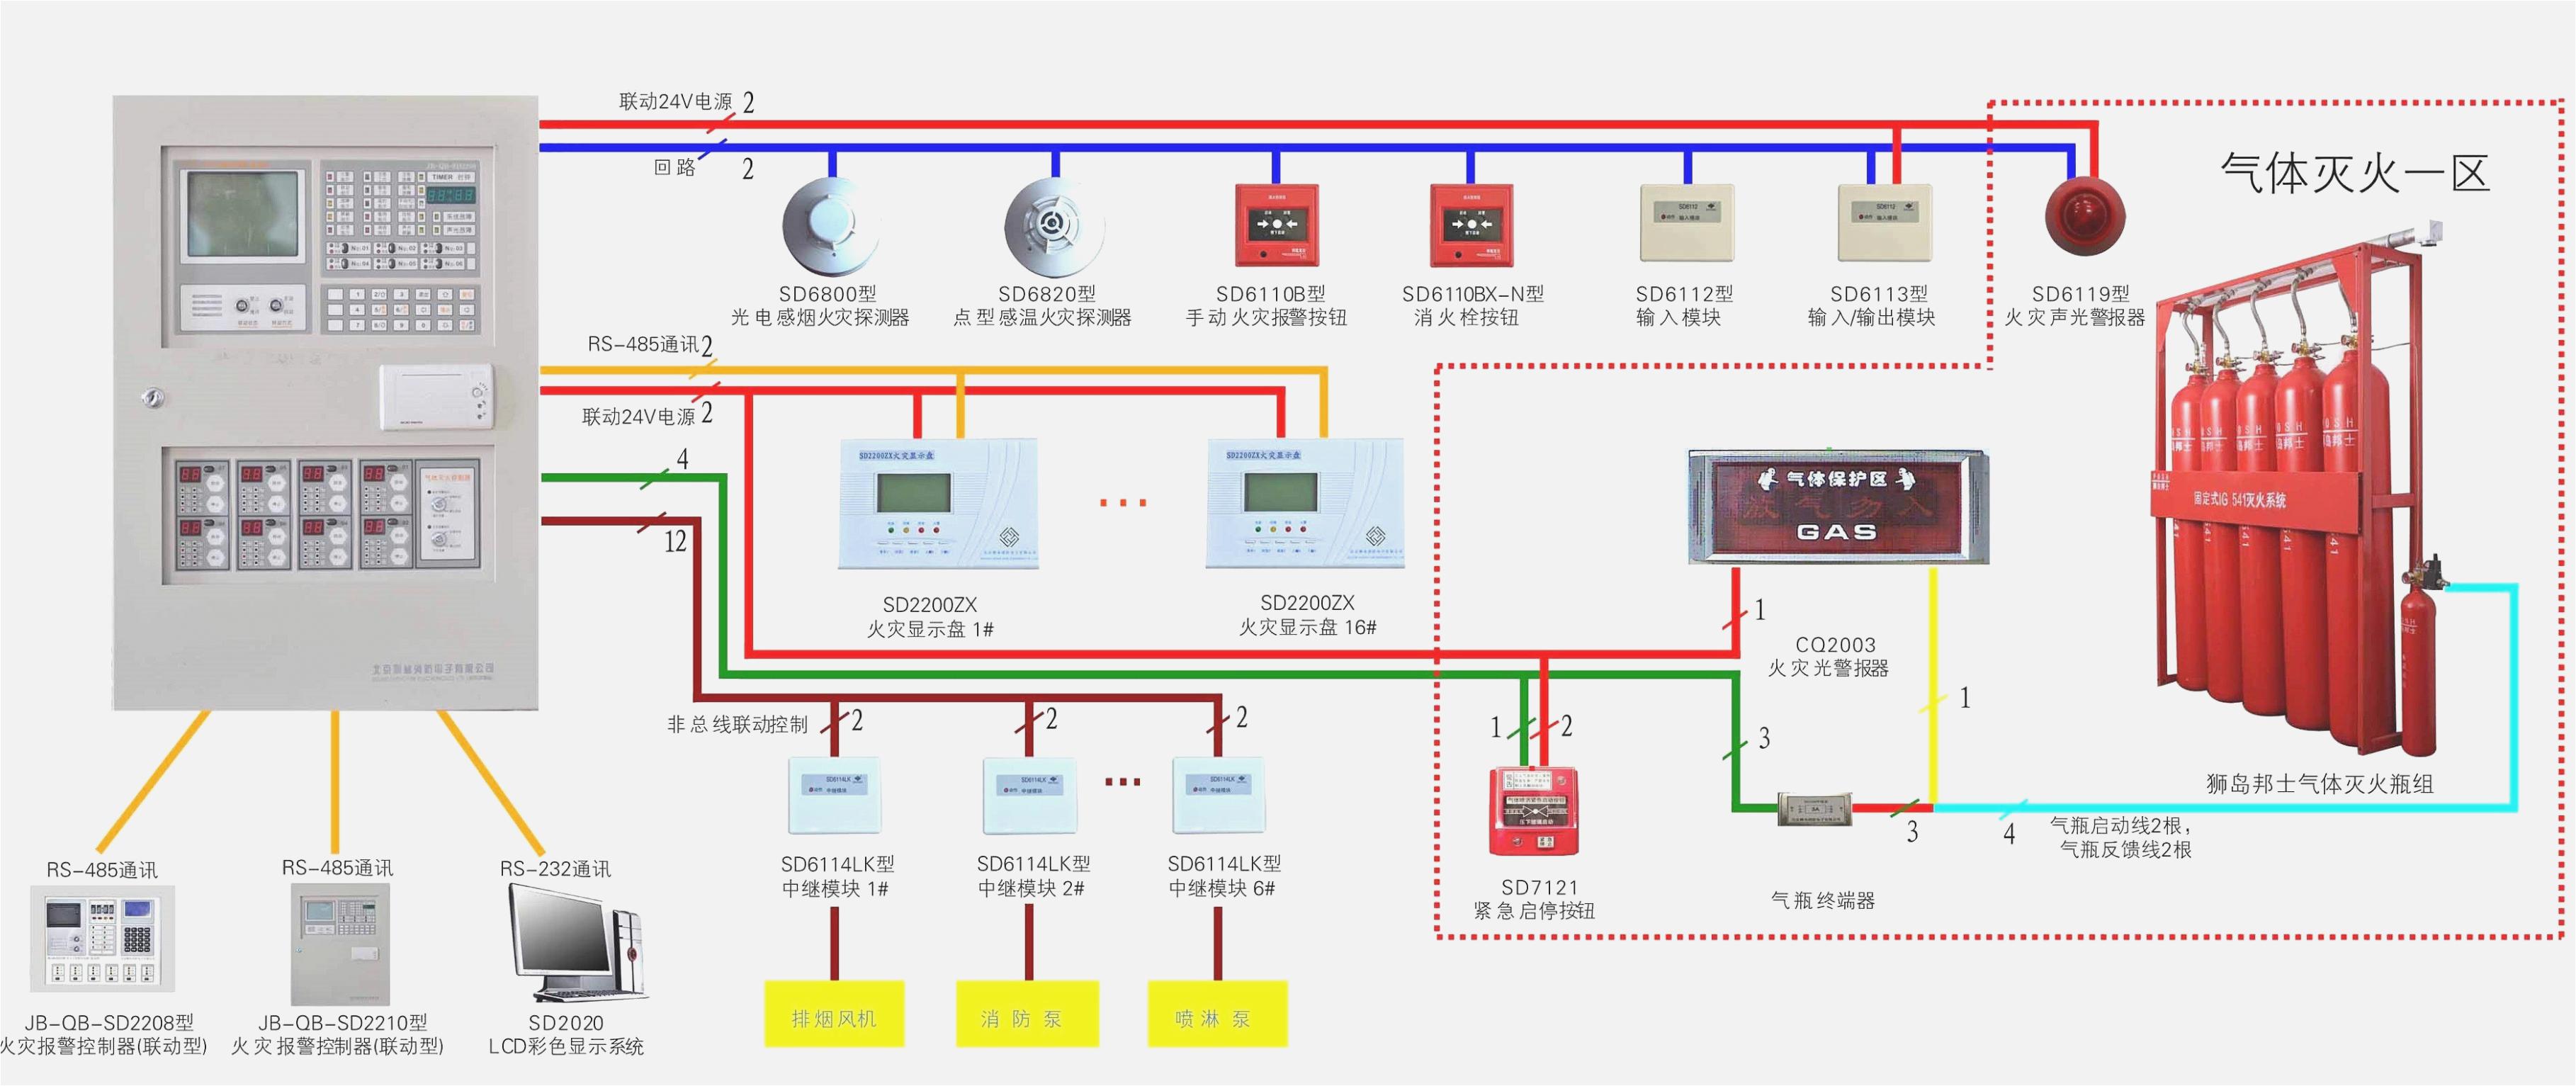 smoke detector wiring diagram pdf rate simplex fire alarm wiring fire alarm smoke detector wiring diagram png